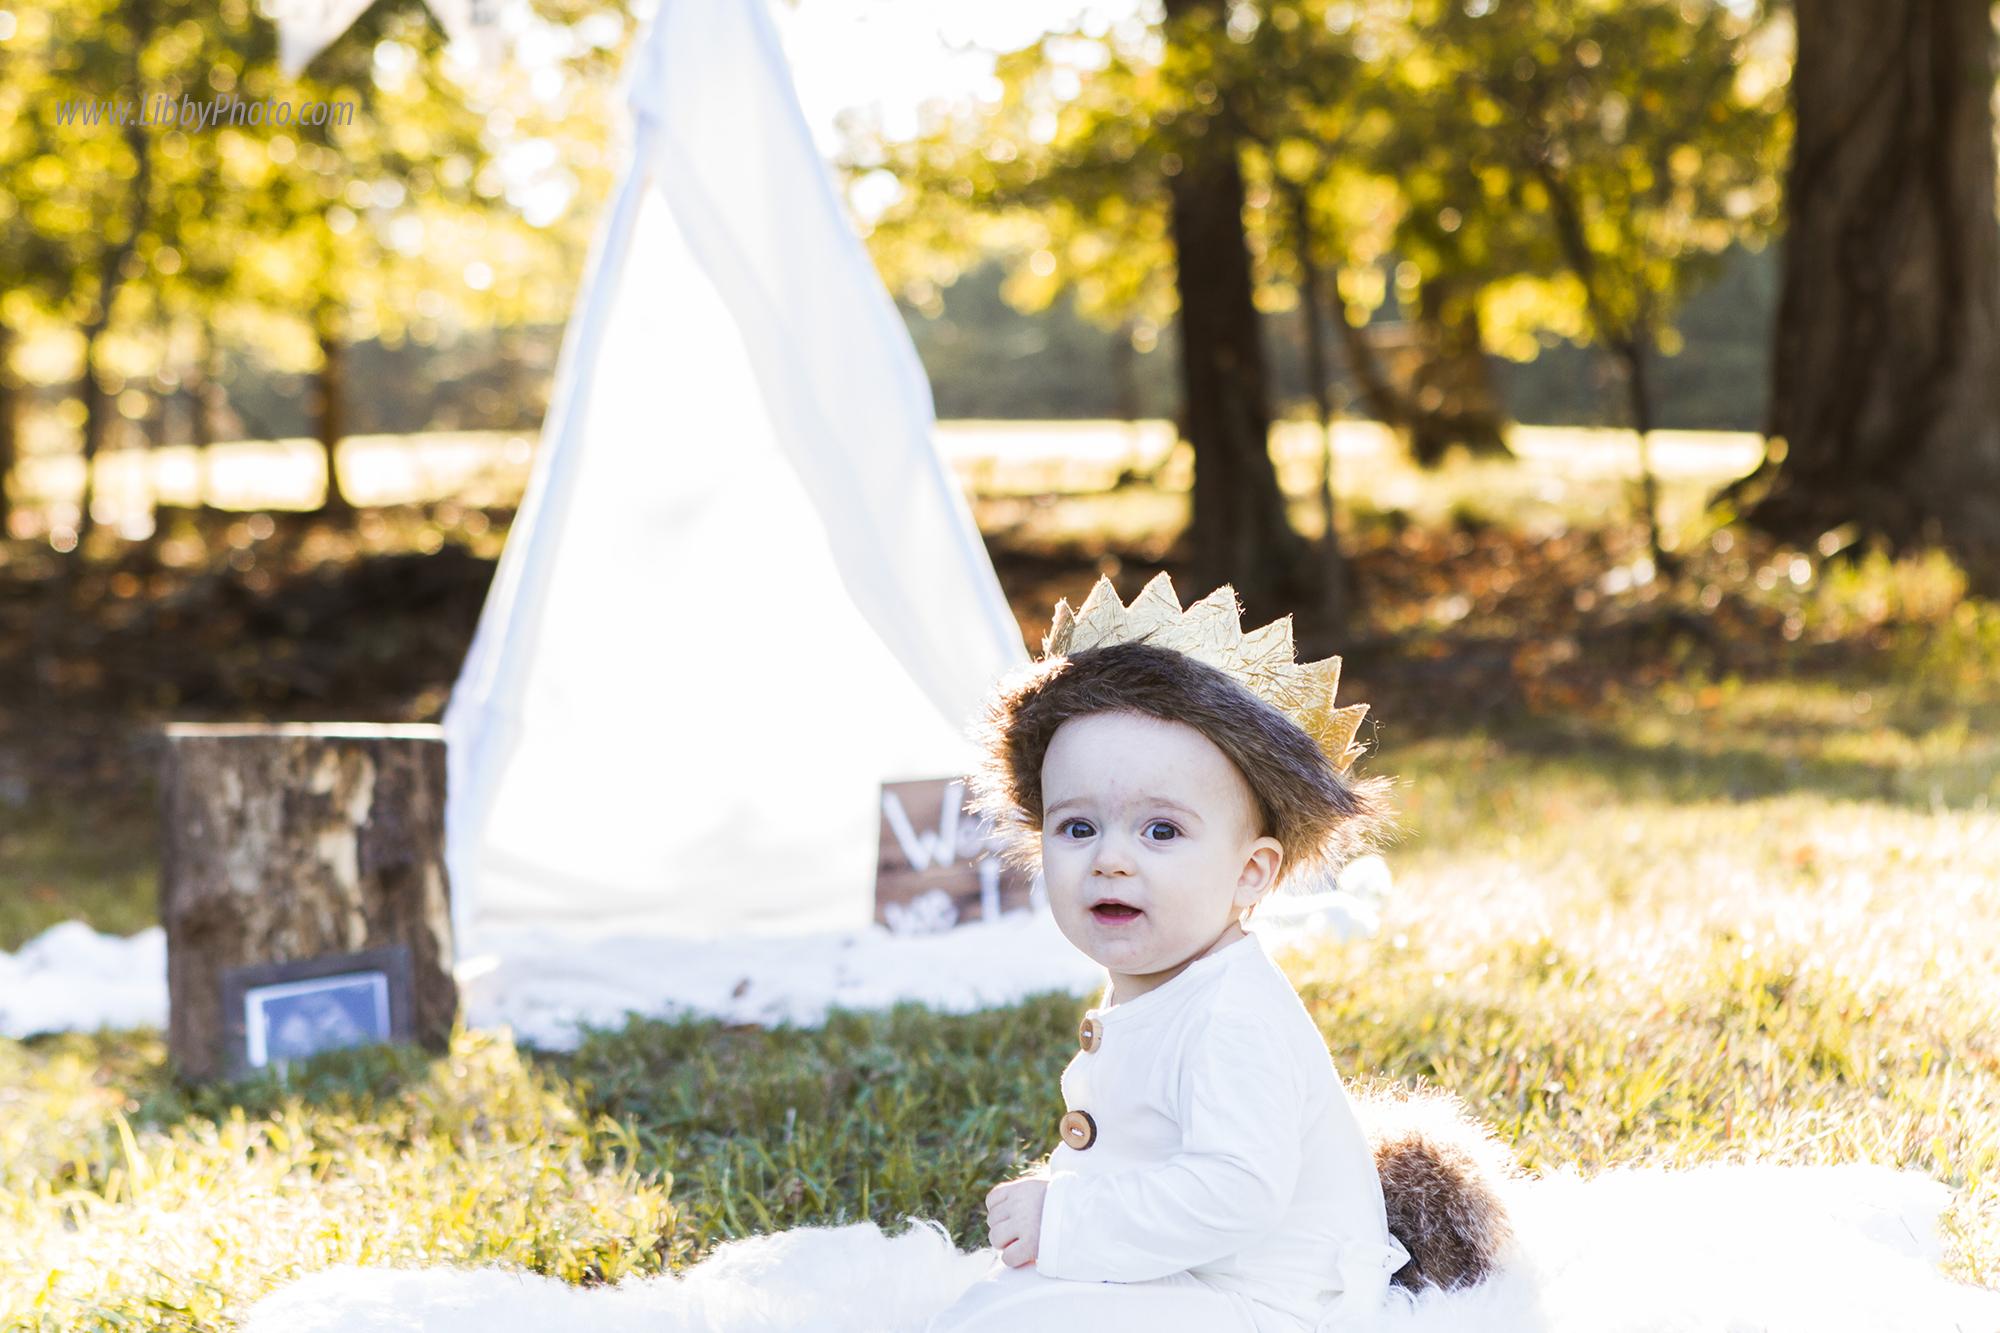 Atlanta family photography Libbyphoto 10 (5).jpg